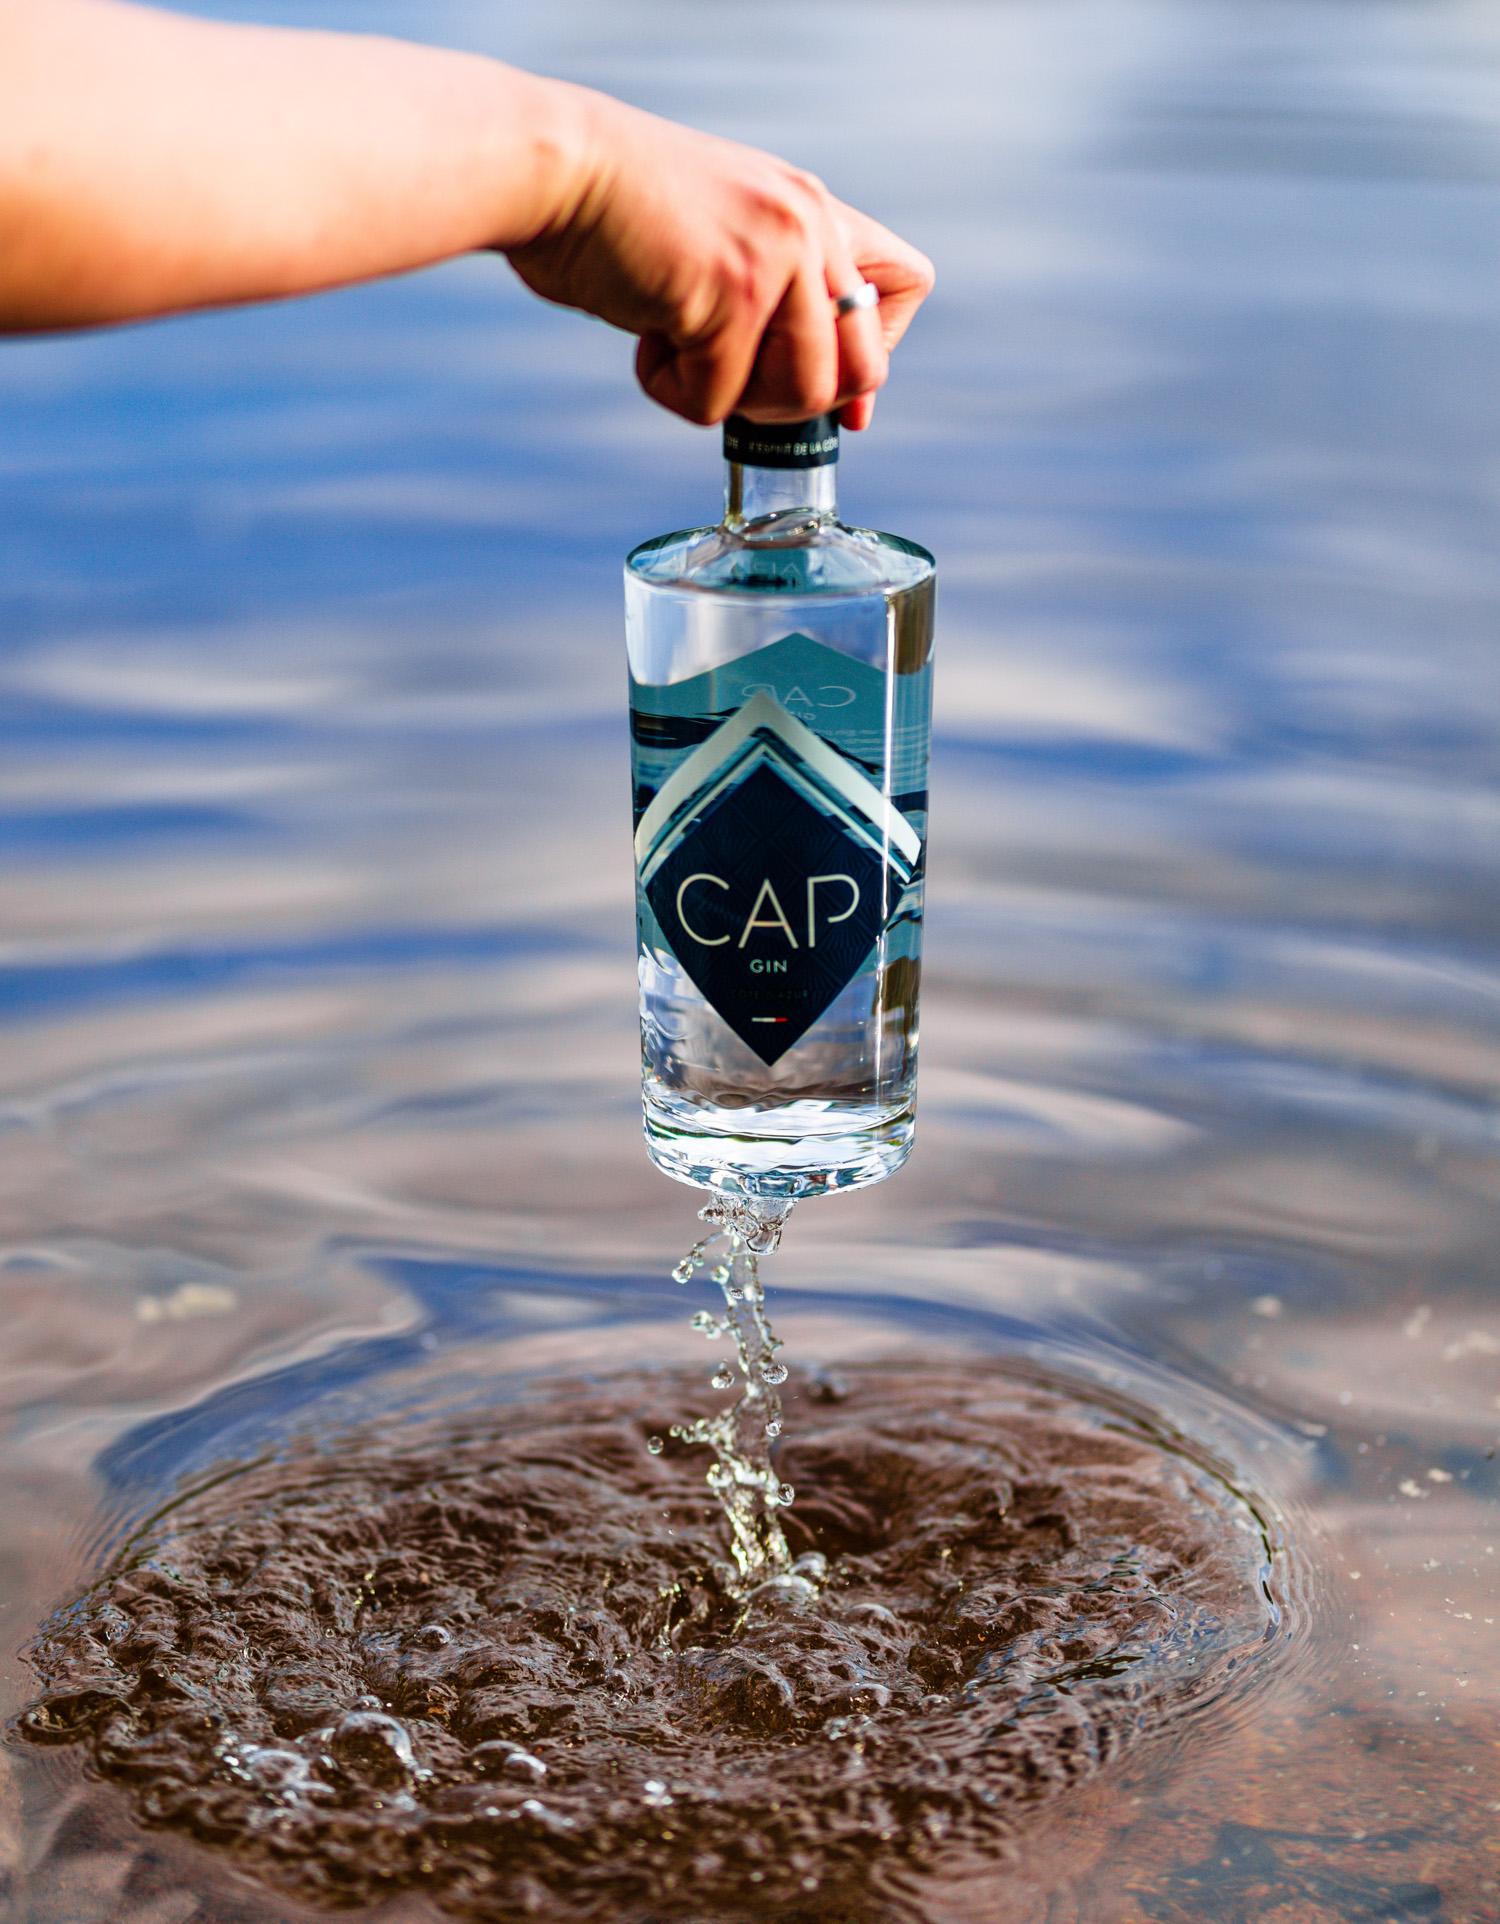 CAP Gin